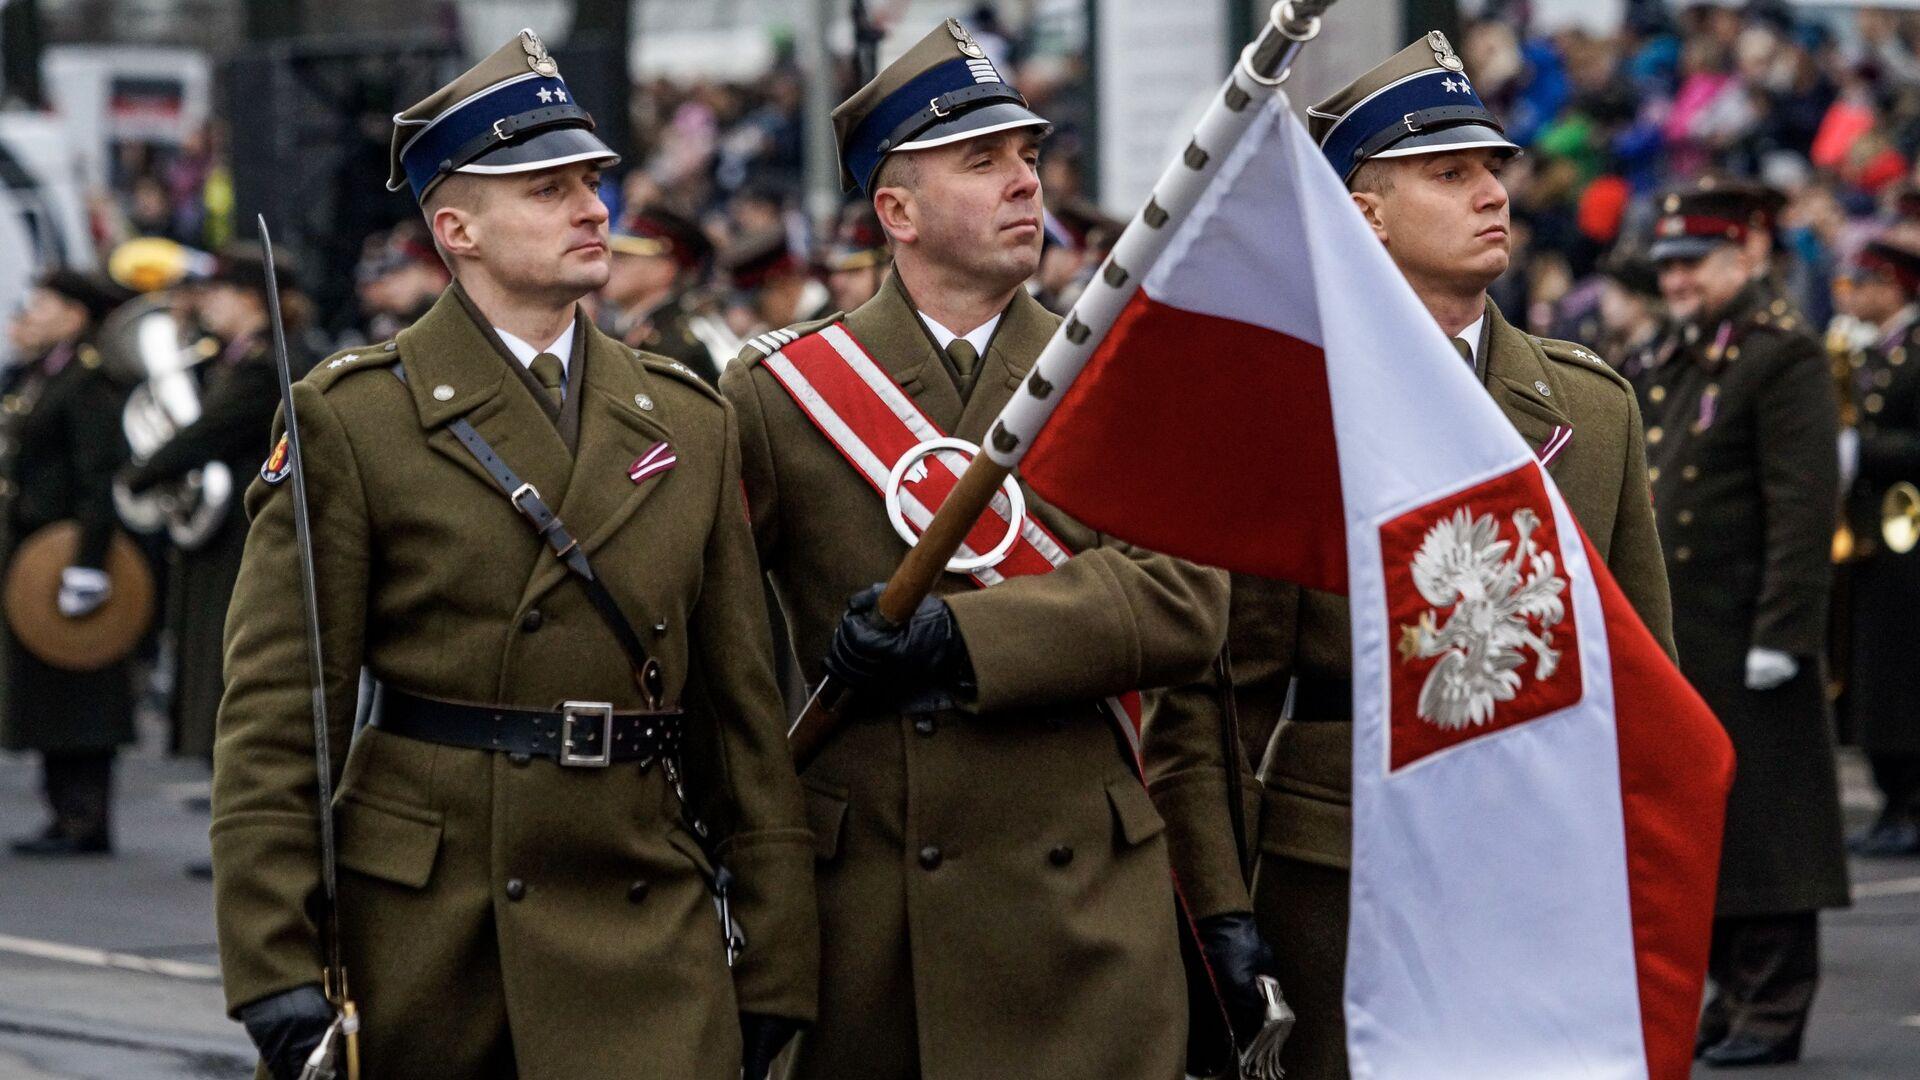 Polskie wojsko w Rydze, Dzień Niepodległości Łotwy - Sputnik Polska, 1920, 05.10.2021